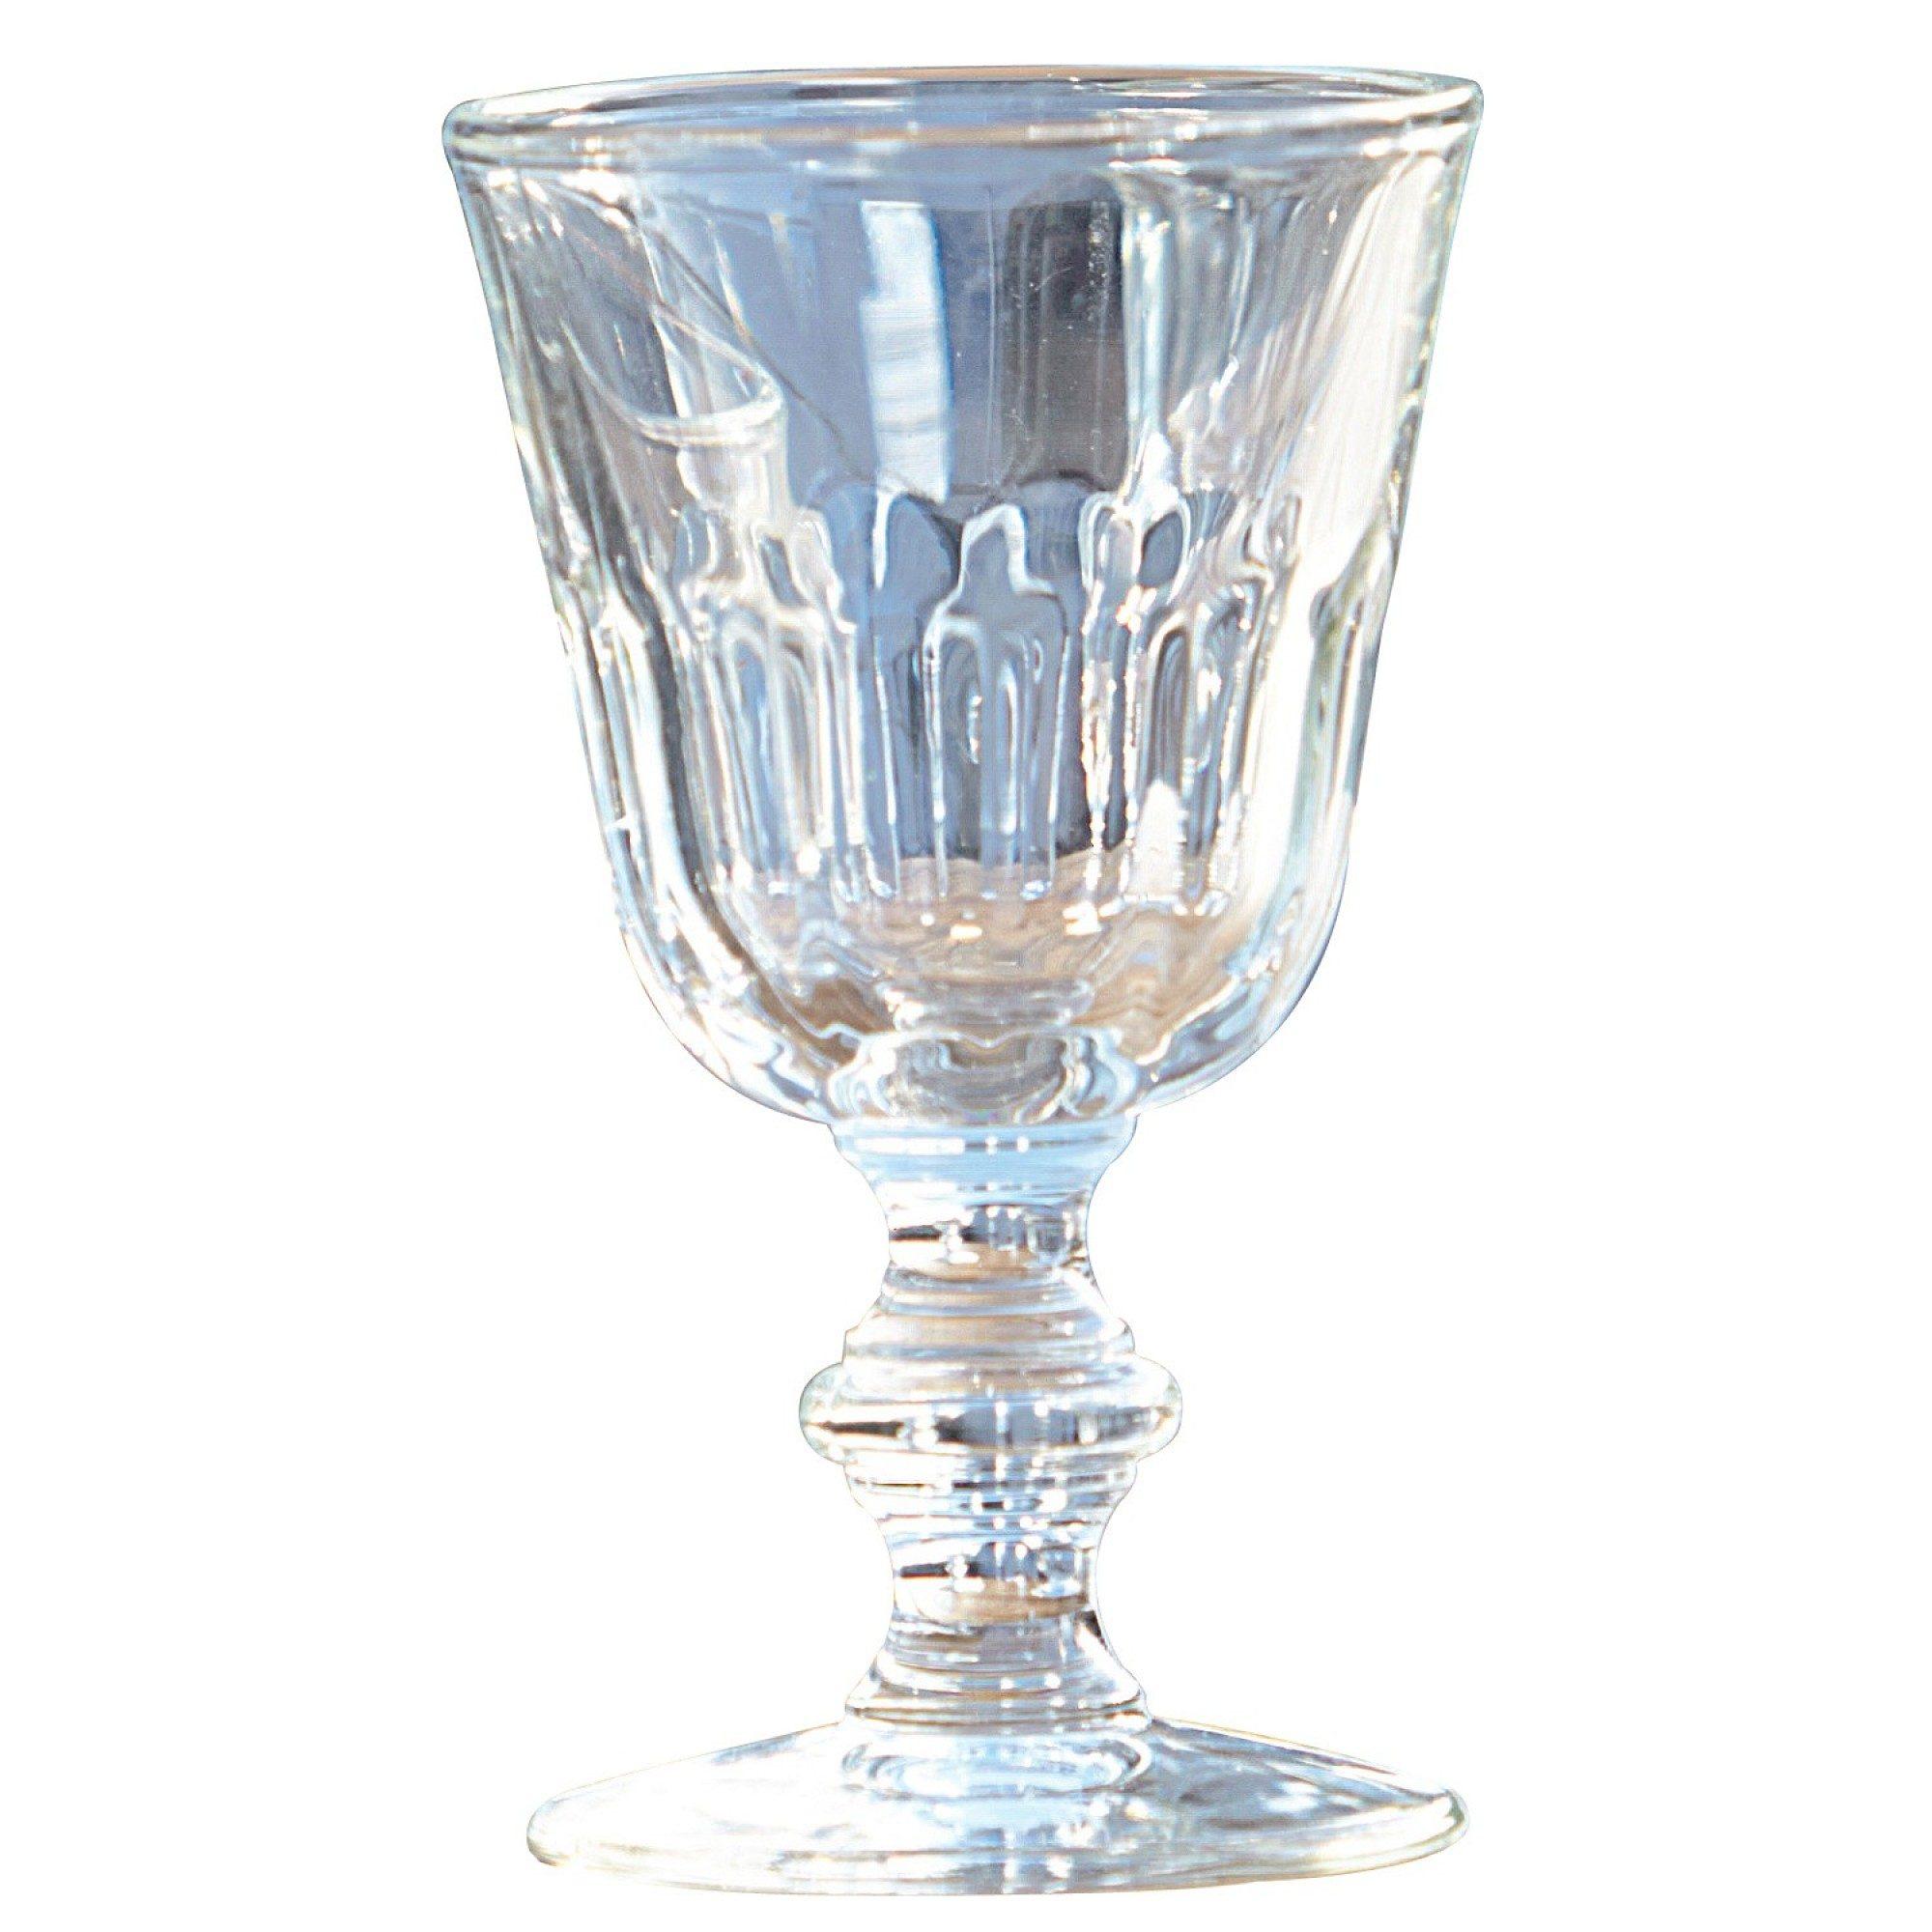 Loberon Weingläser 6er-Set »Pouce vin«